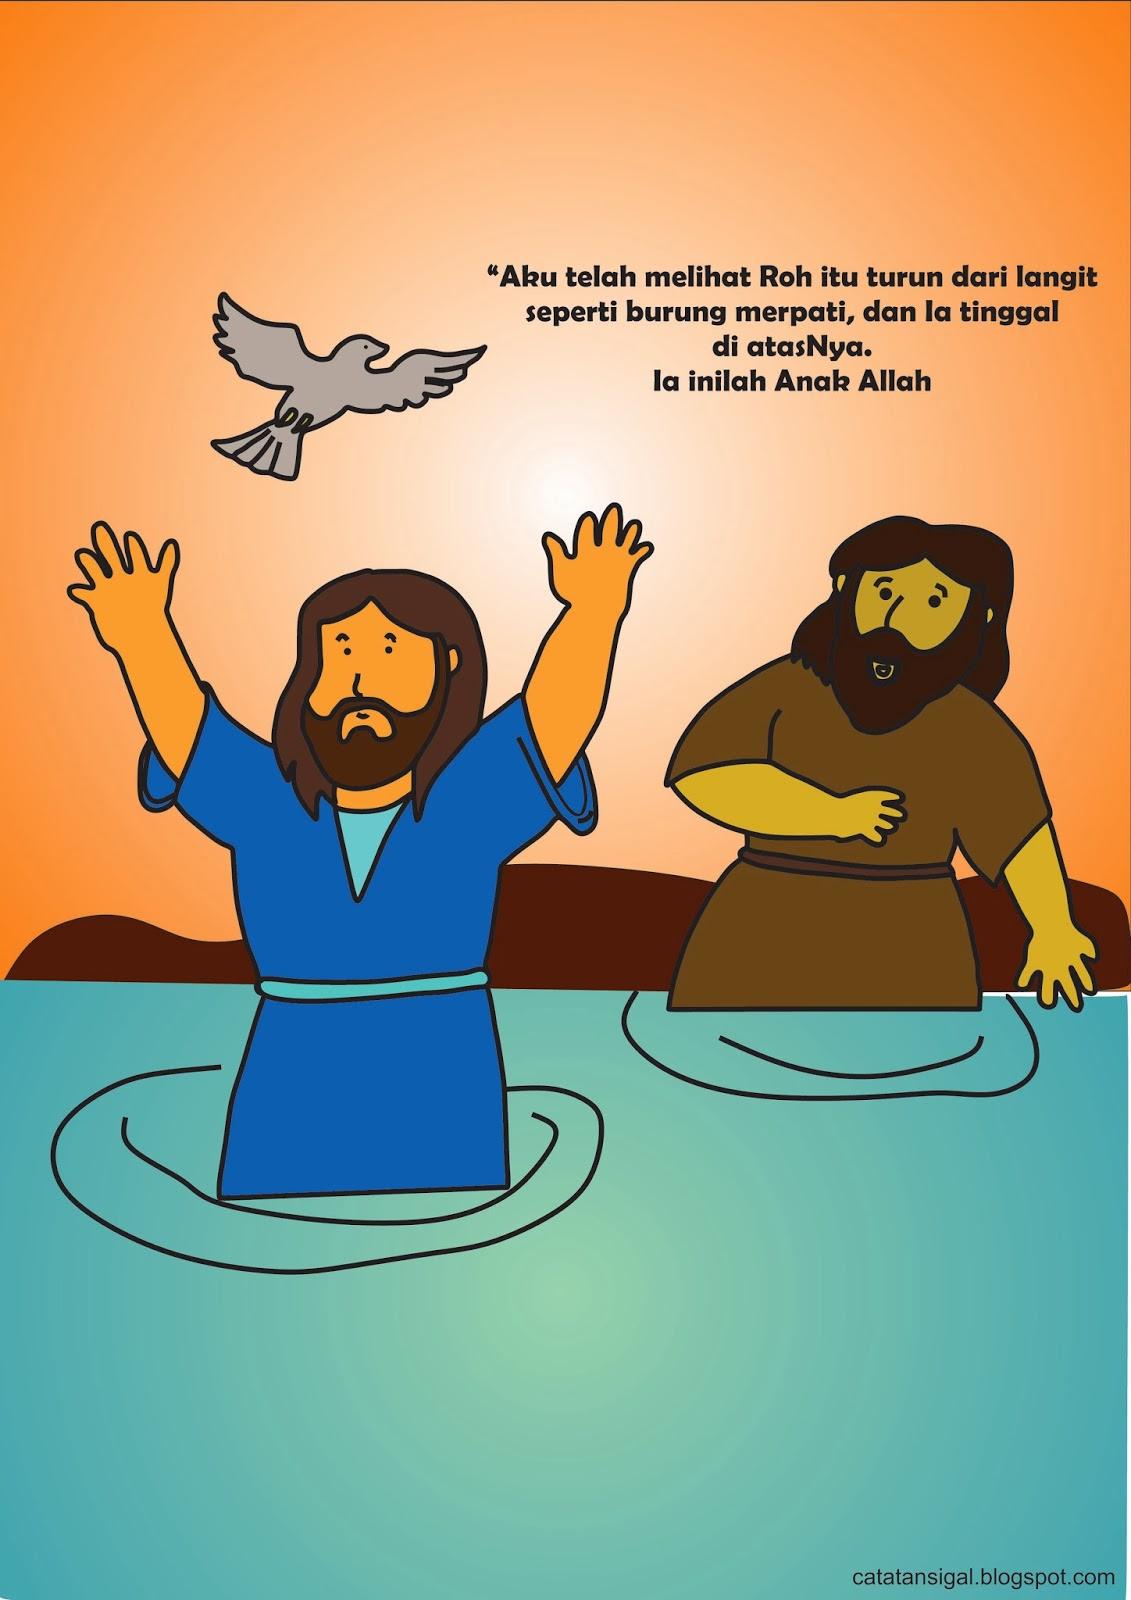 Tuhan Yesus Animasi : tuhan, yesus, animasi, Gambar, Animasi, Yesus, Kekinian, Infobaru